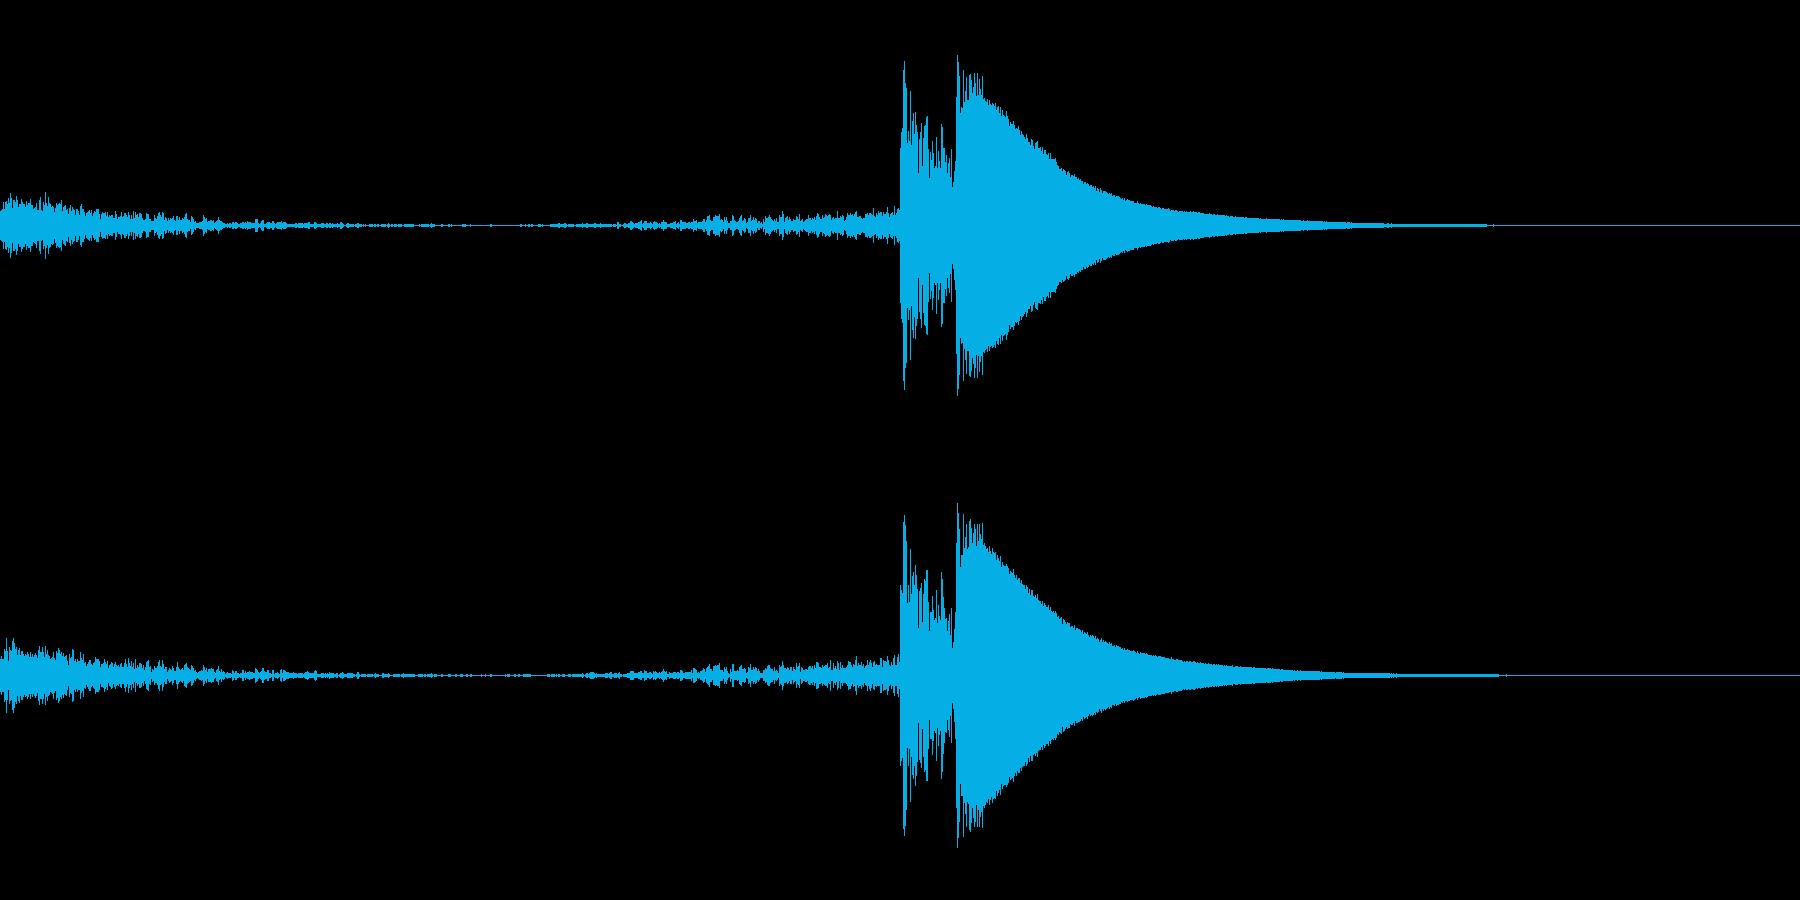 シューカキーン(凍りつく音)の再生済みの波形